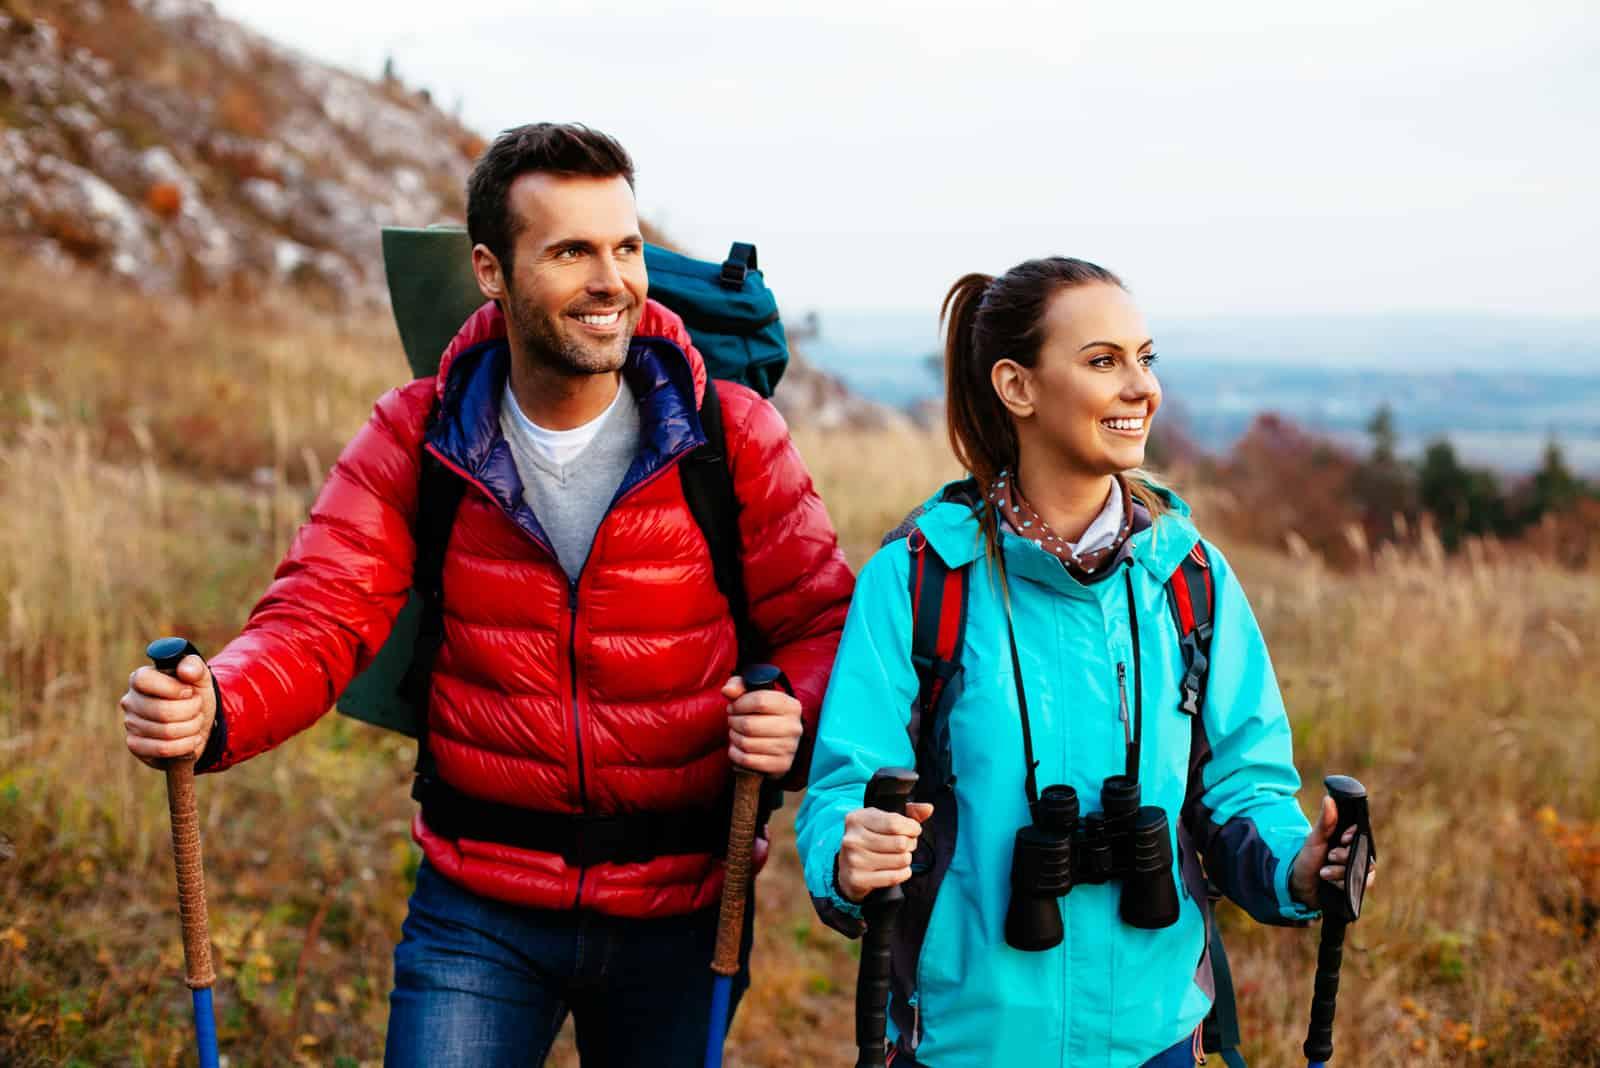 Backpacker-Paar wandert im Herbst mit Stöcken